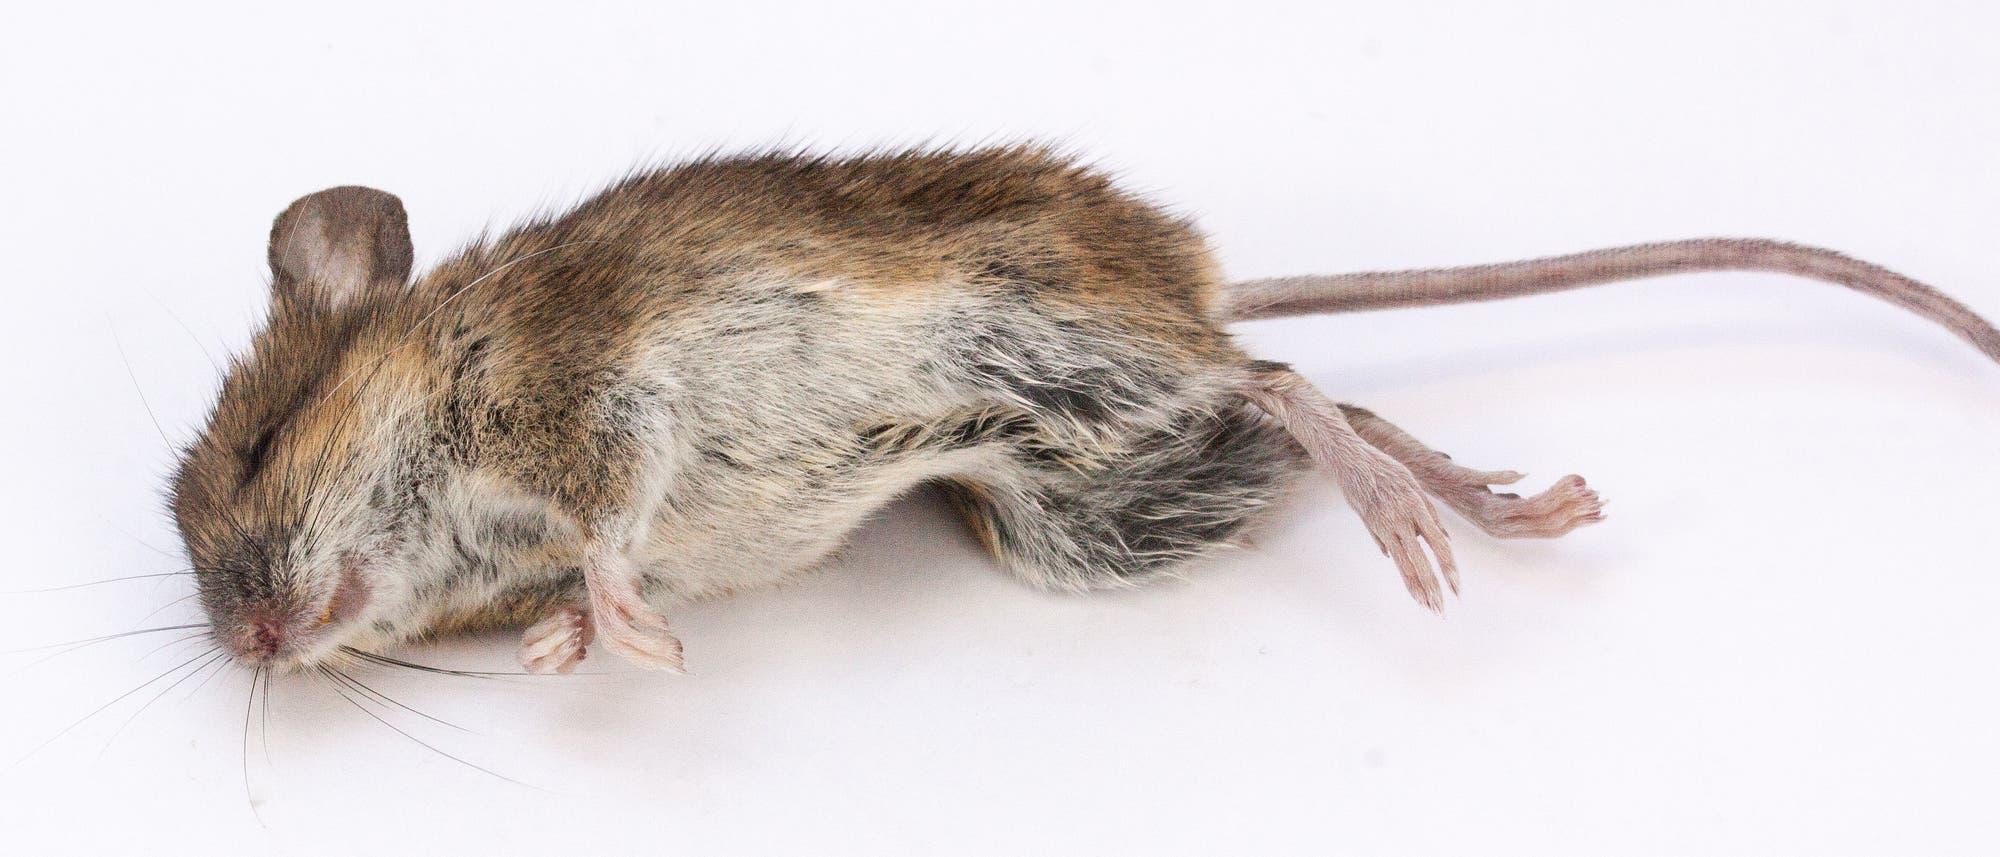 Maus schläft Rausch aus